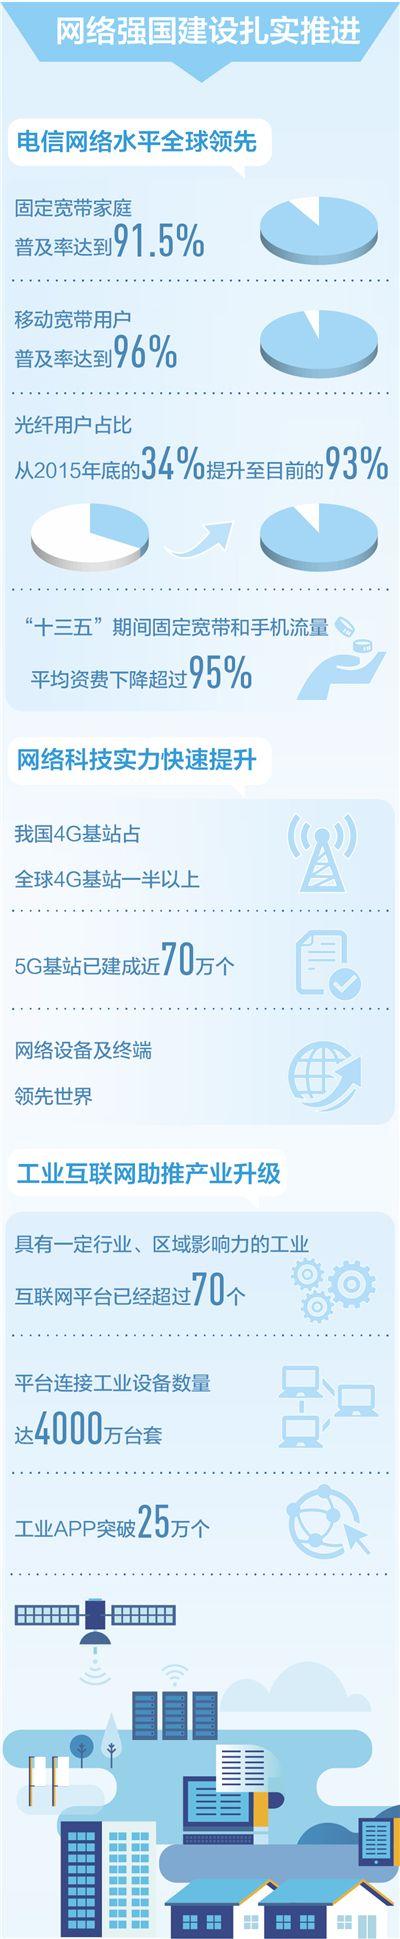 建设网络强国增强发展动能(产经观察·着力发展实体经济③)